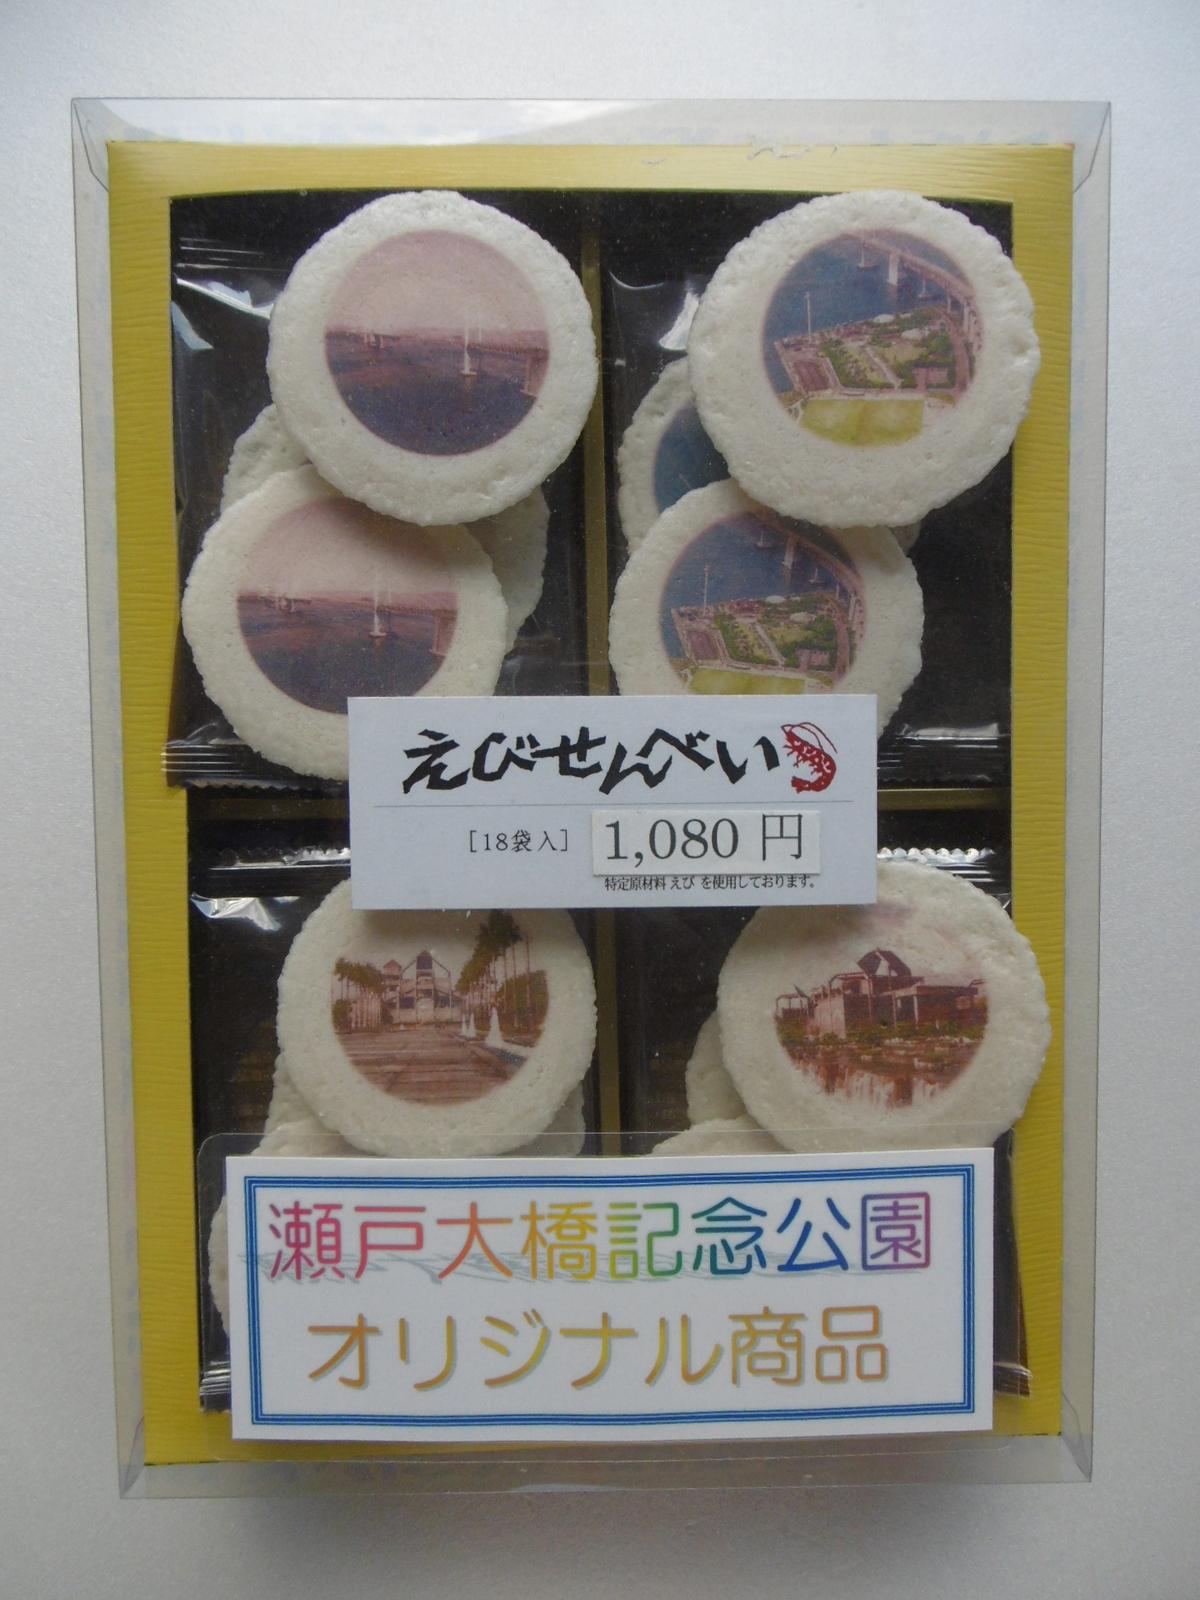 お土産品「オリジナルえびせんべい」